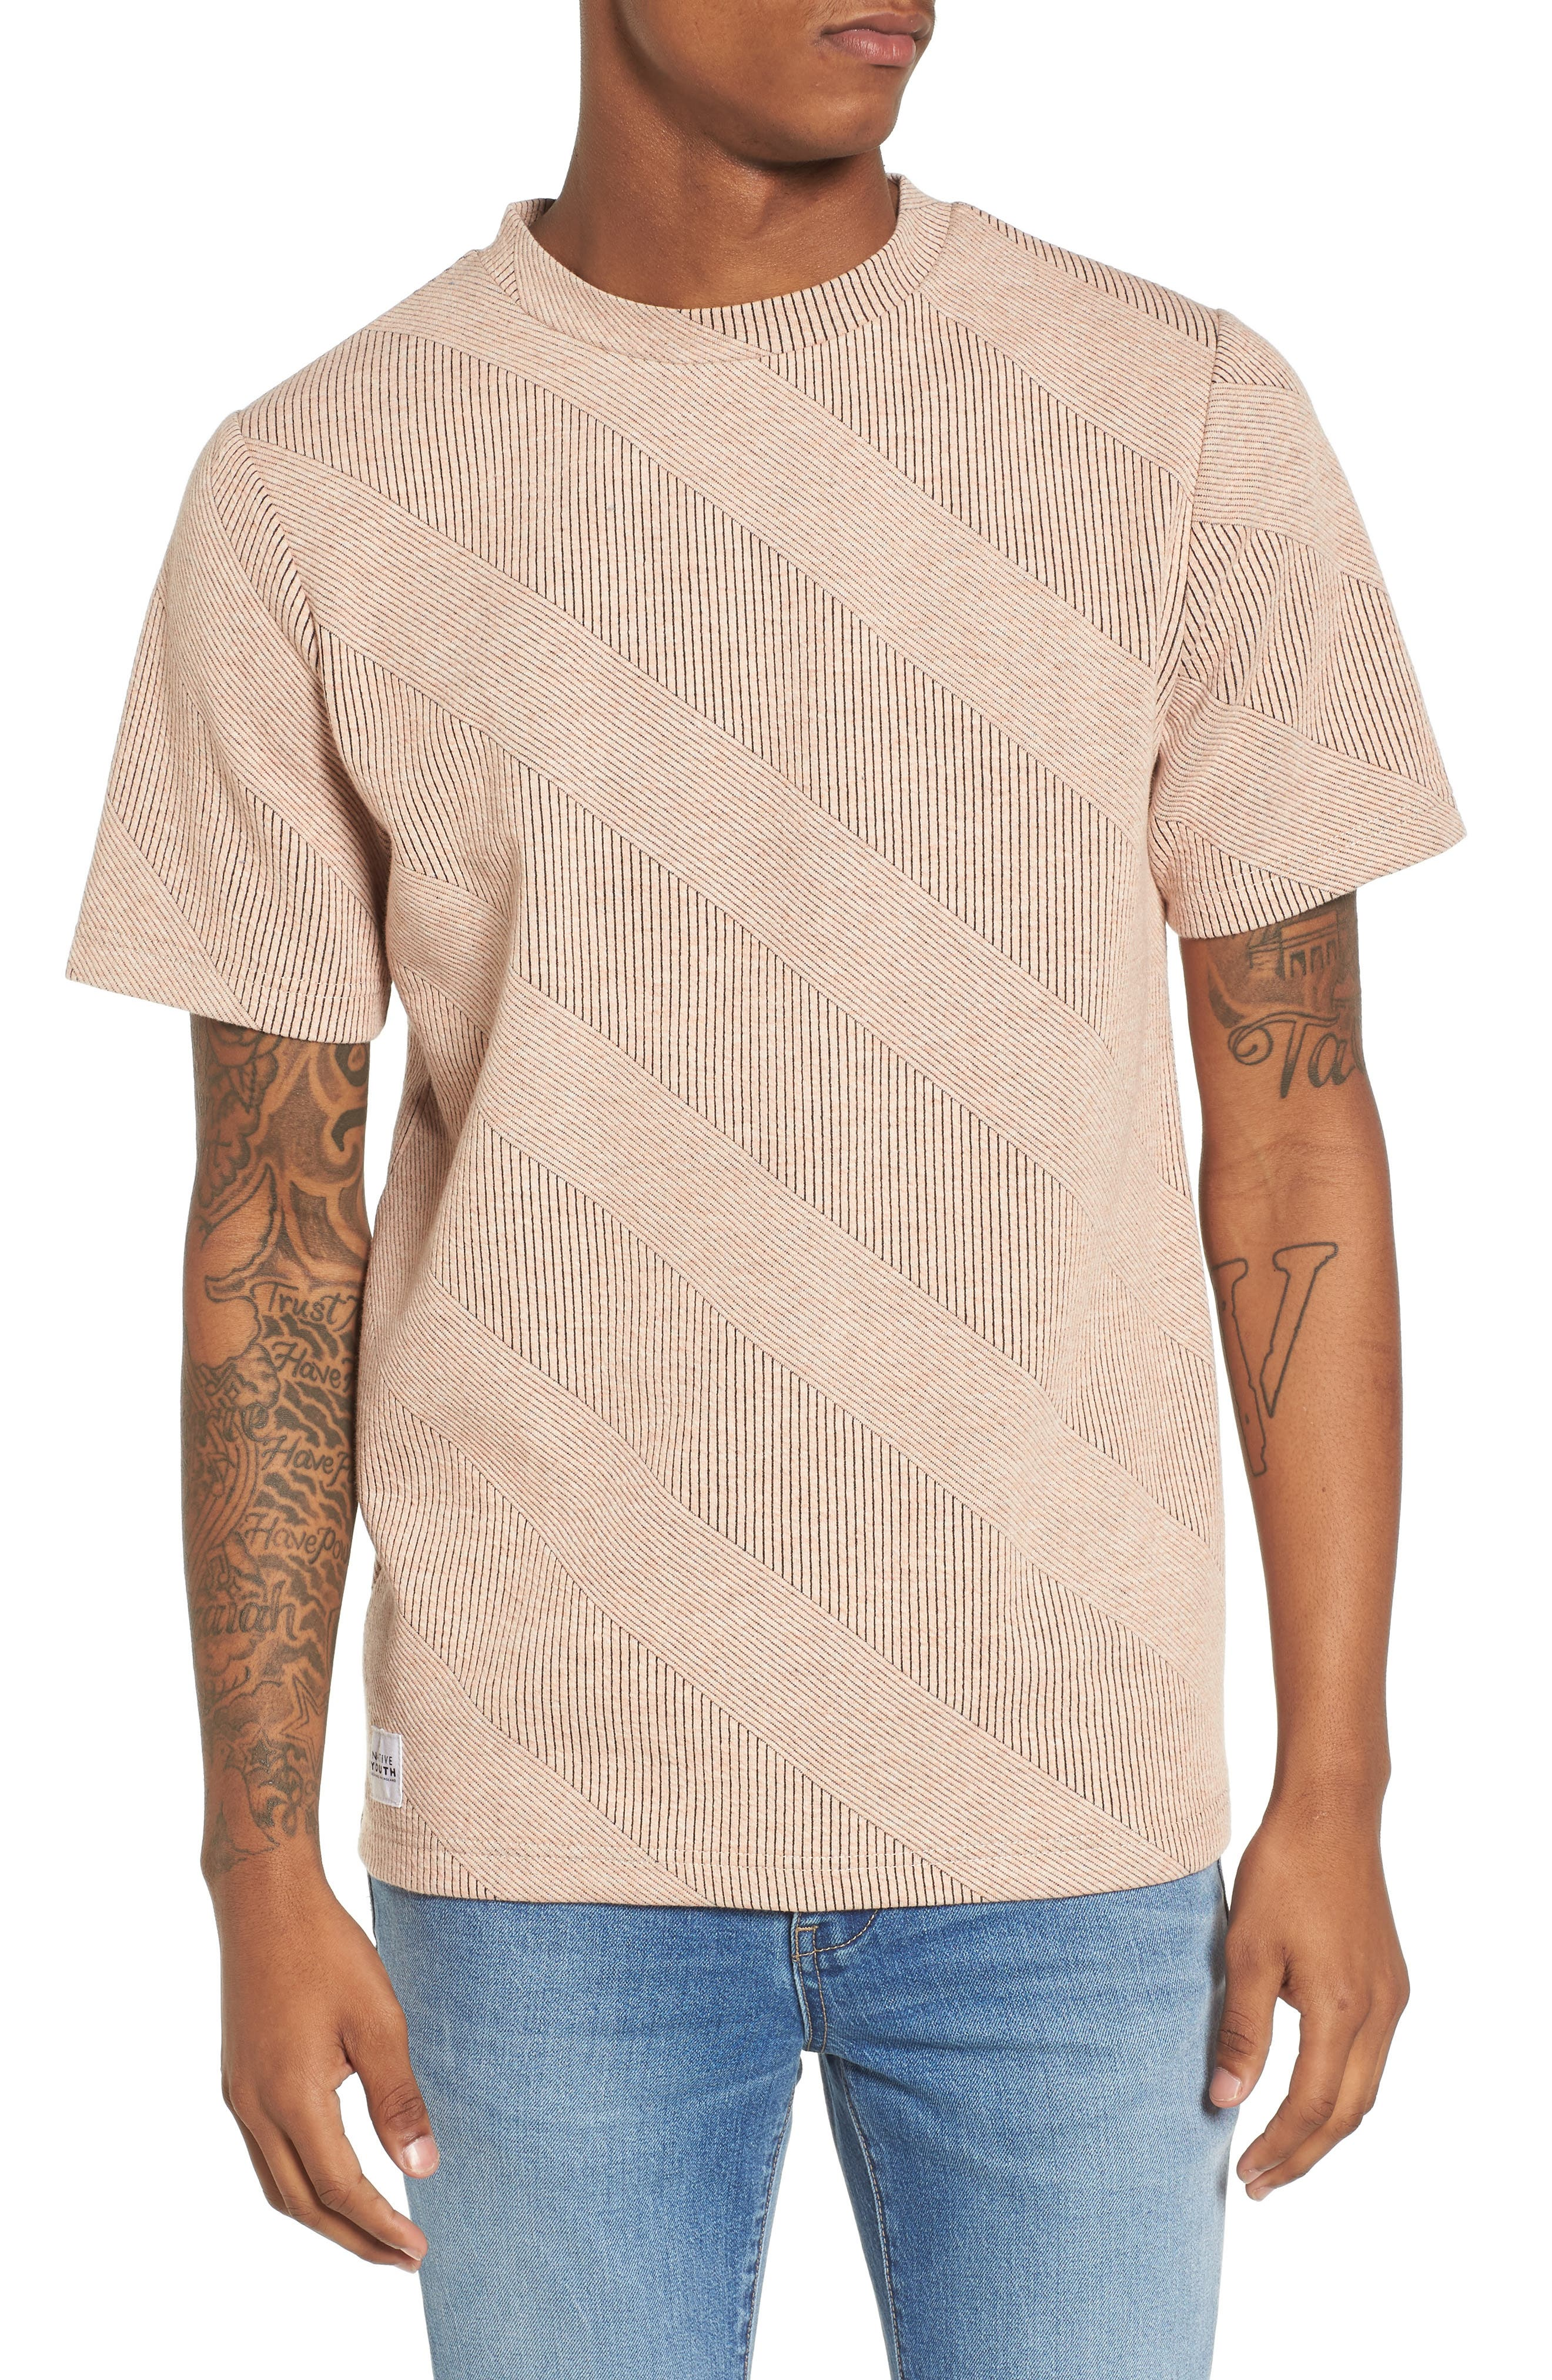 Biota T-Shirt,                             Main thumbnail 1, color,                             Coral